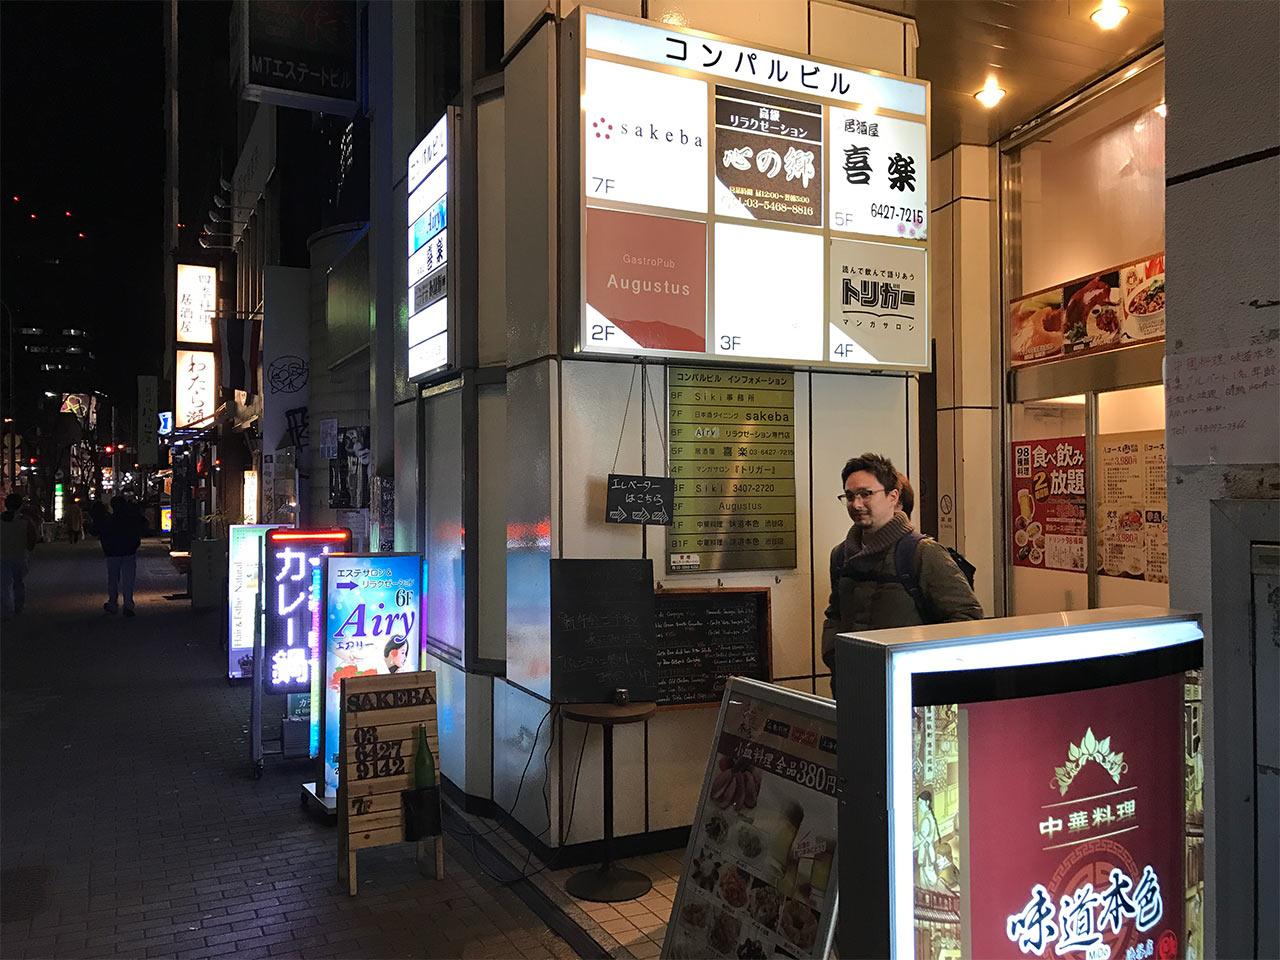 渋谷「ガストロパブ オーガスタス」の外観